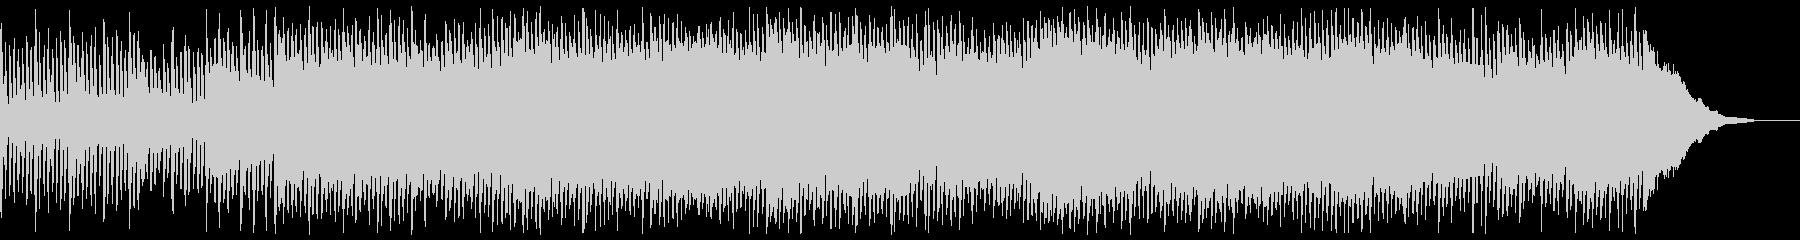 【ドラム・ベース抜き】映像BGMに最適…の未再生の波形